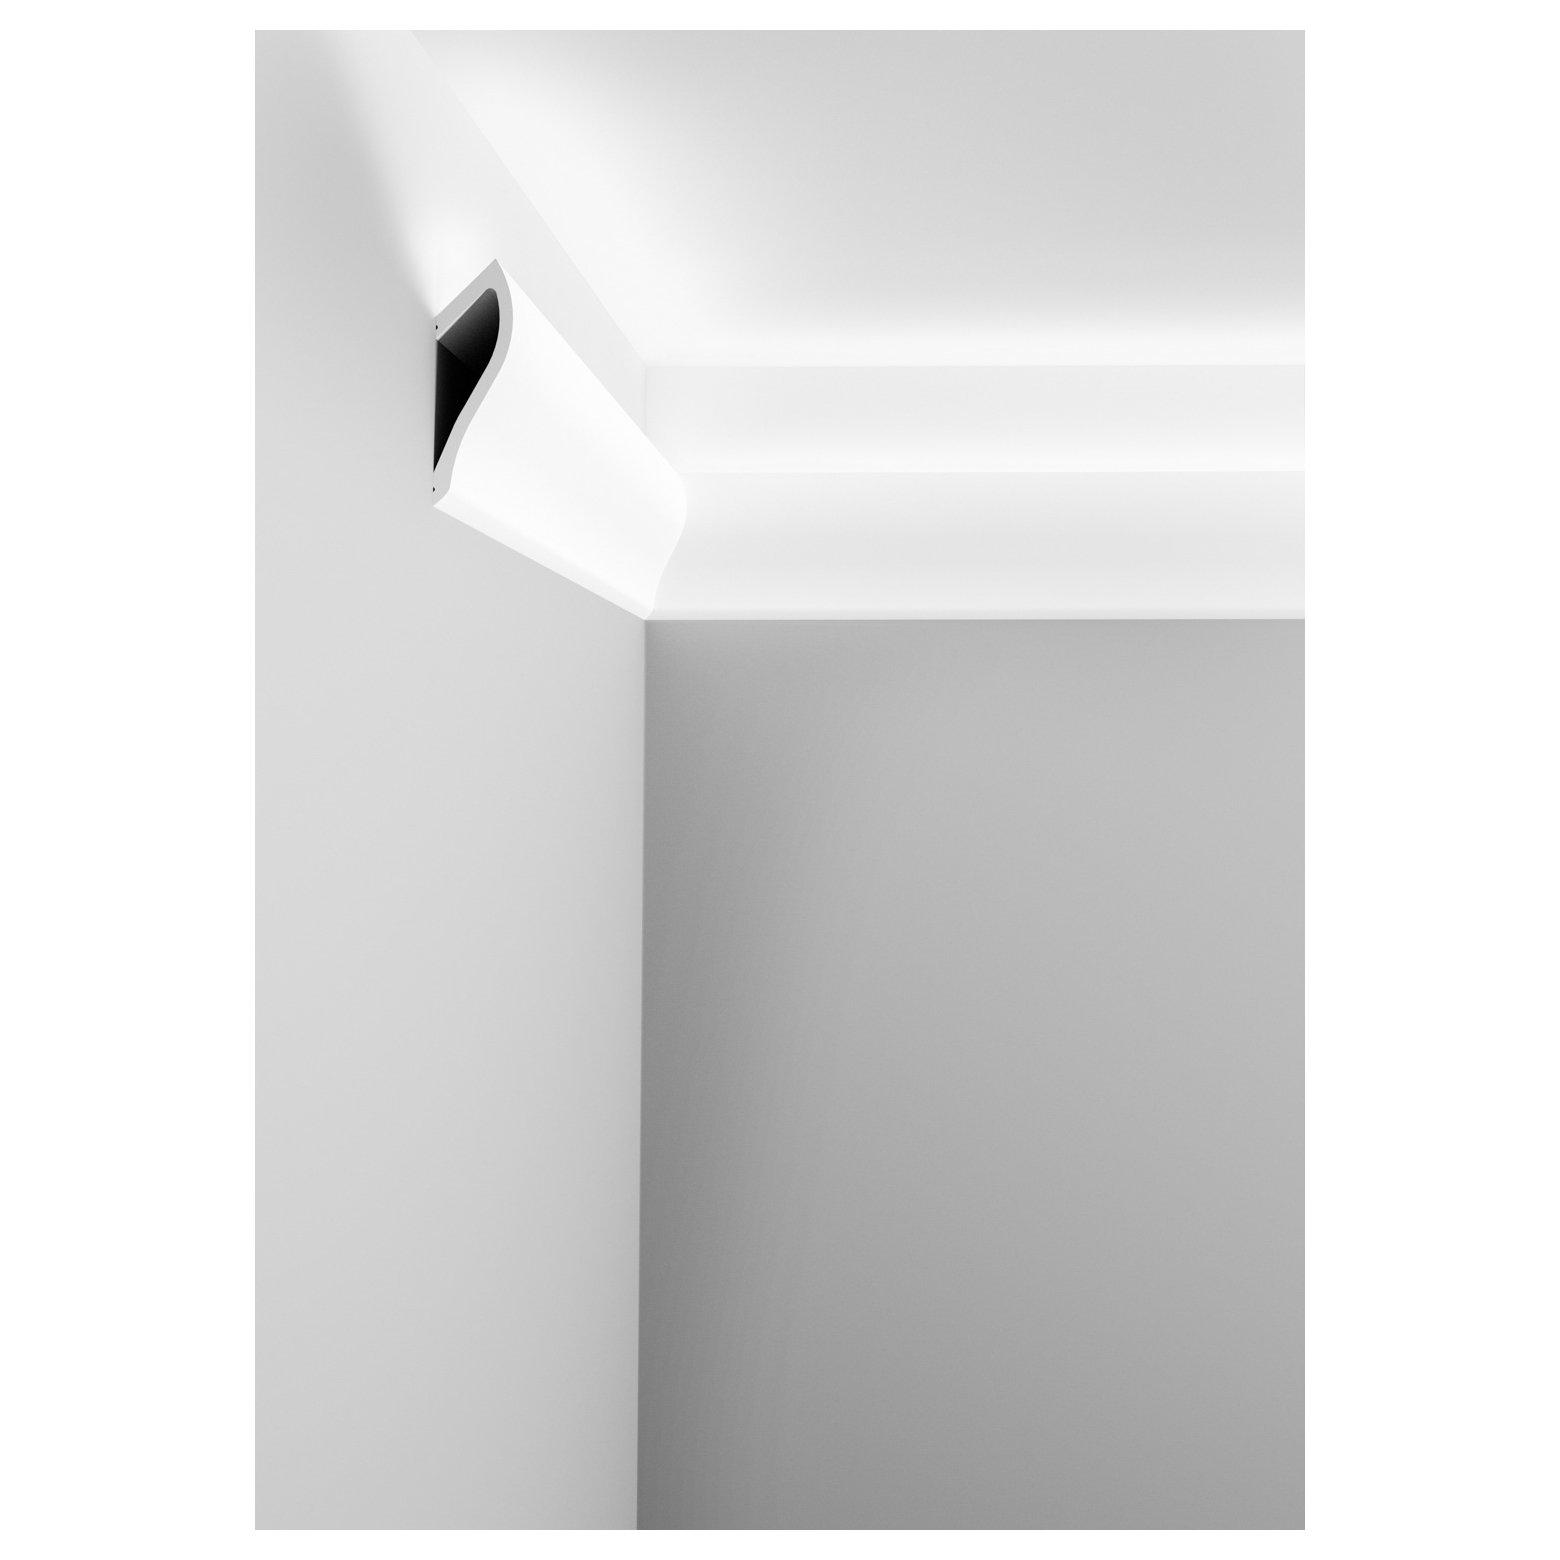 Listwa oświetleniowa ODC371* (wym.200x5.8x18.5cm)